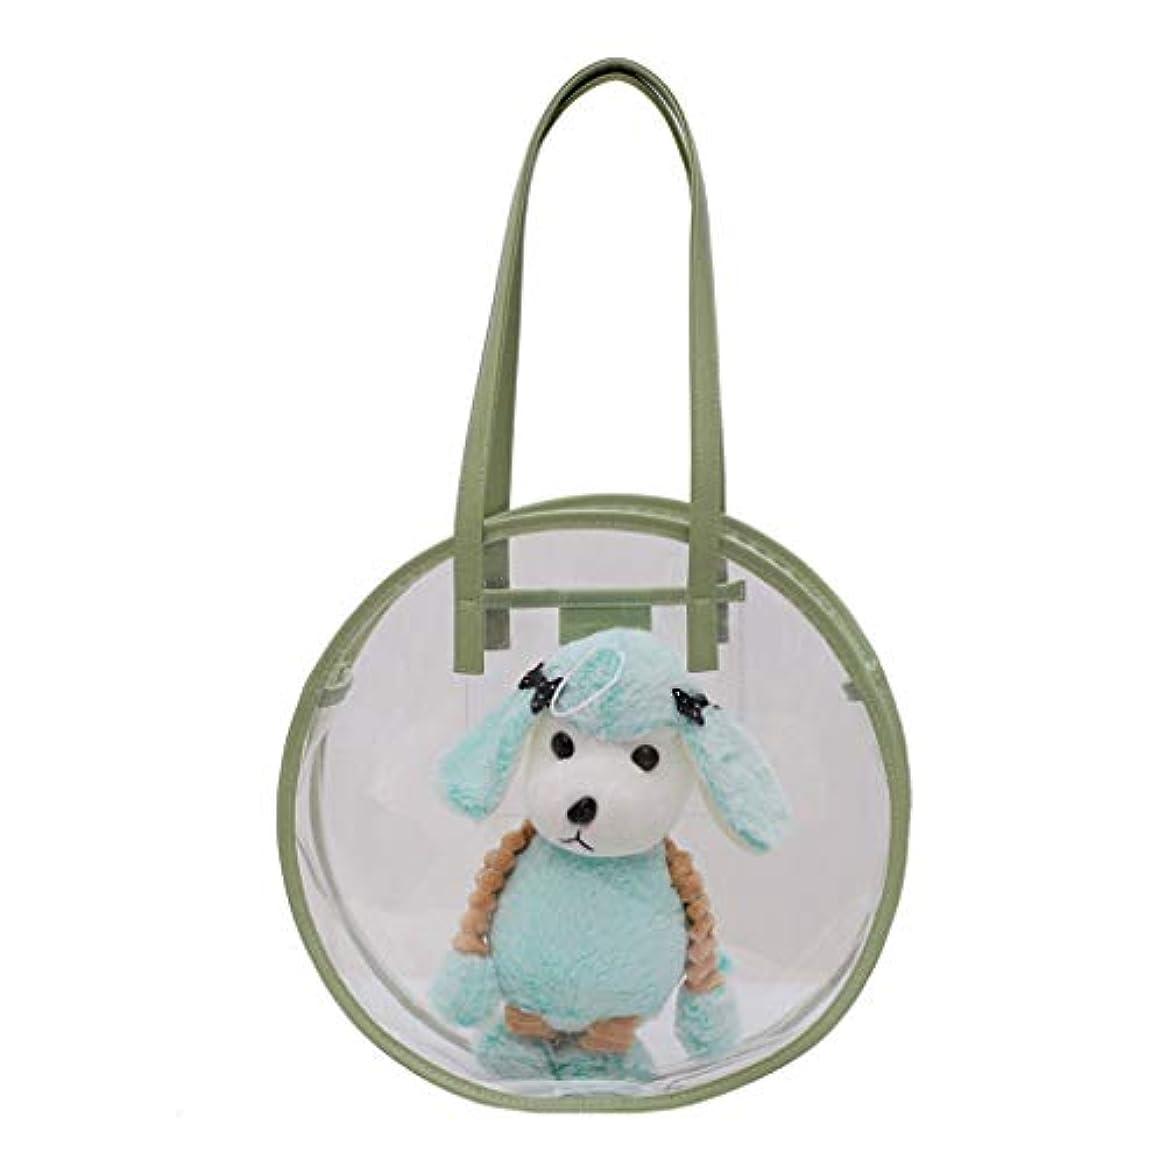 不名誉欠員構成するかわいいファッション 犬の特徴 透明防水 ビーチバッグ ポータブル 透明化粧品バッグ 旅行用メイクポーチ ジッパー 防水 トートバッグ 取り外し可能 調整 33X9X33cm 3色